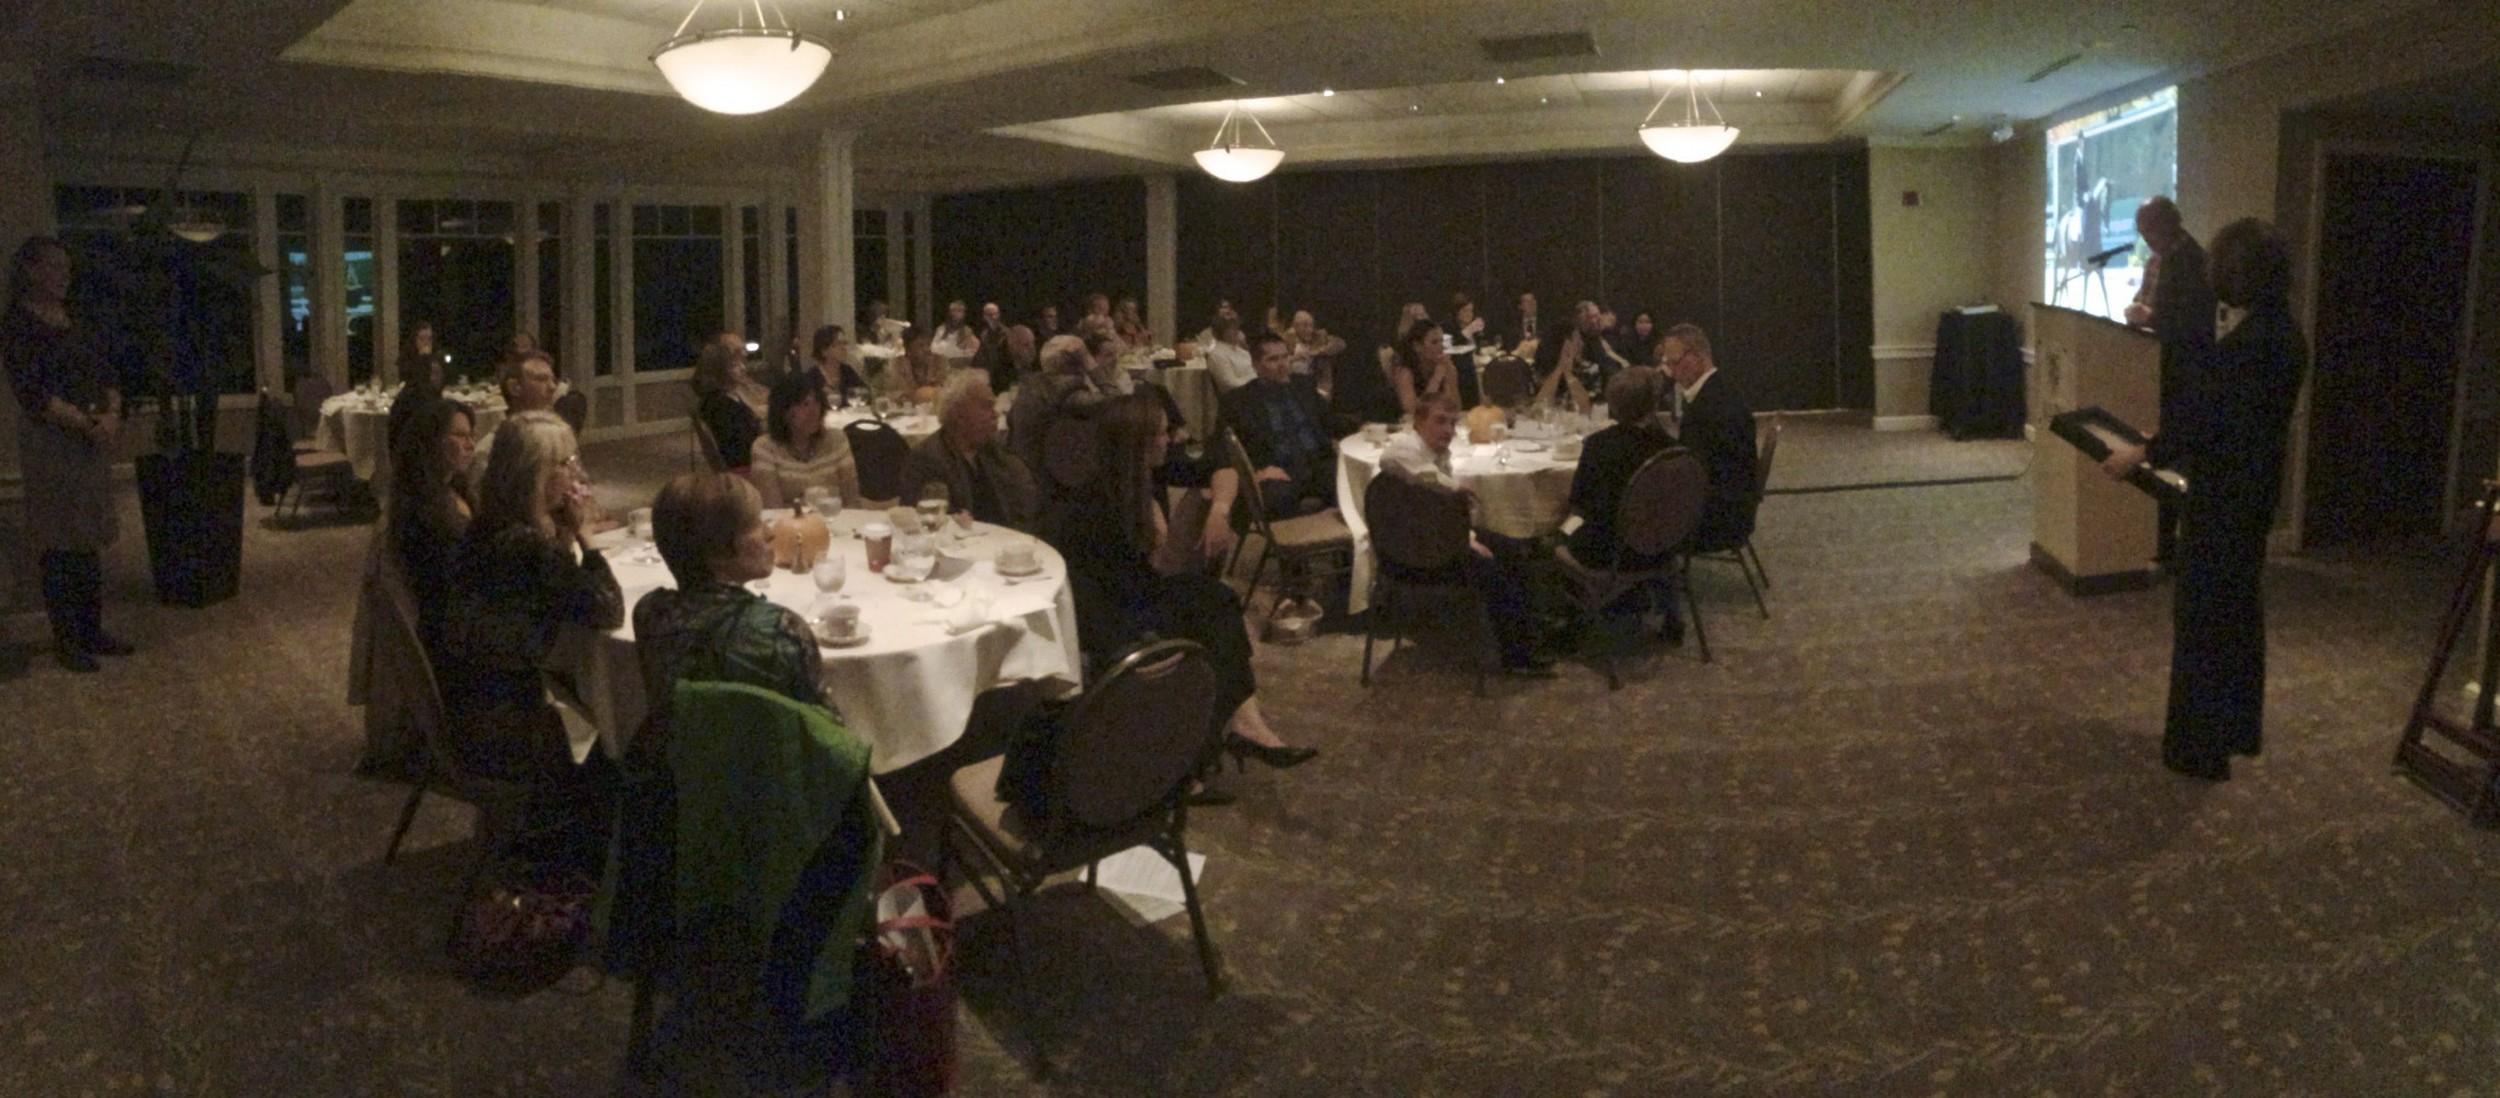 CLD Awards Banquet